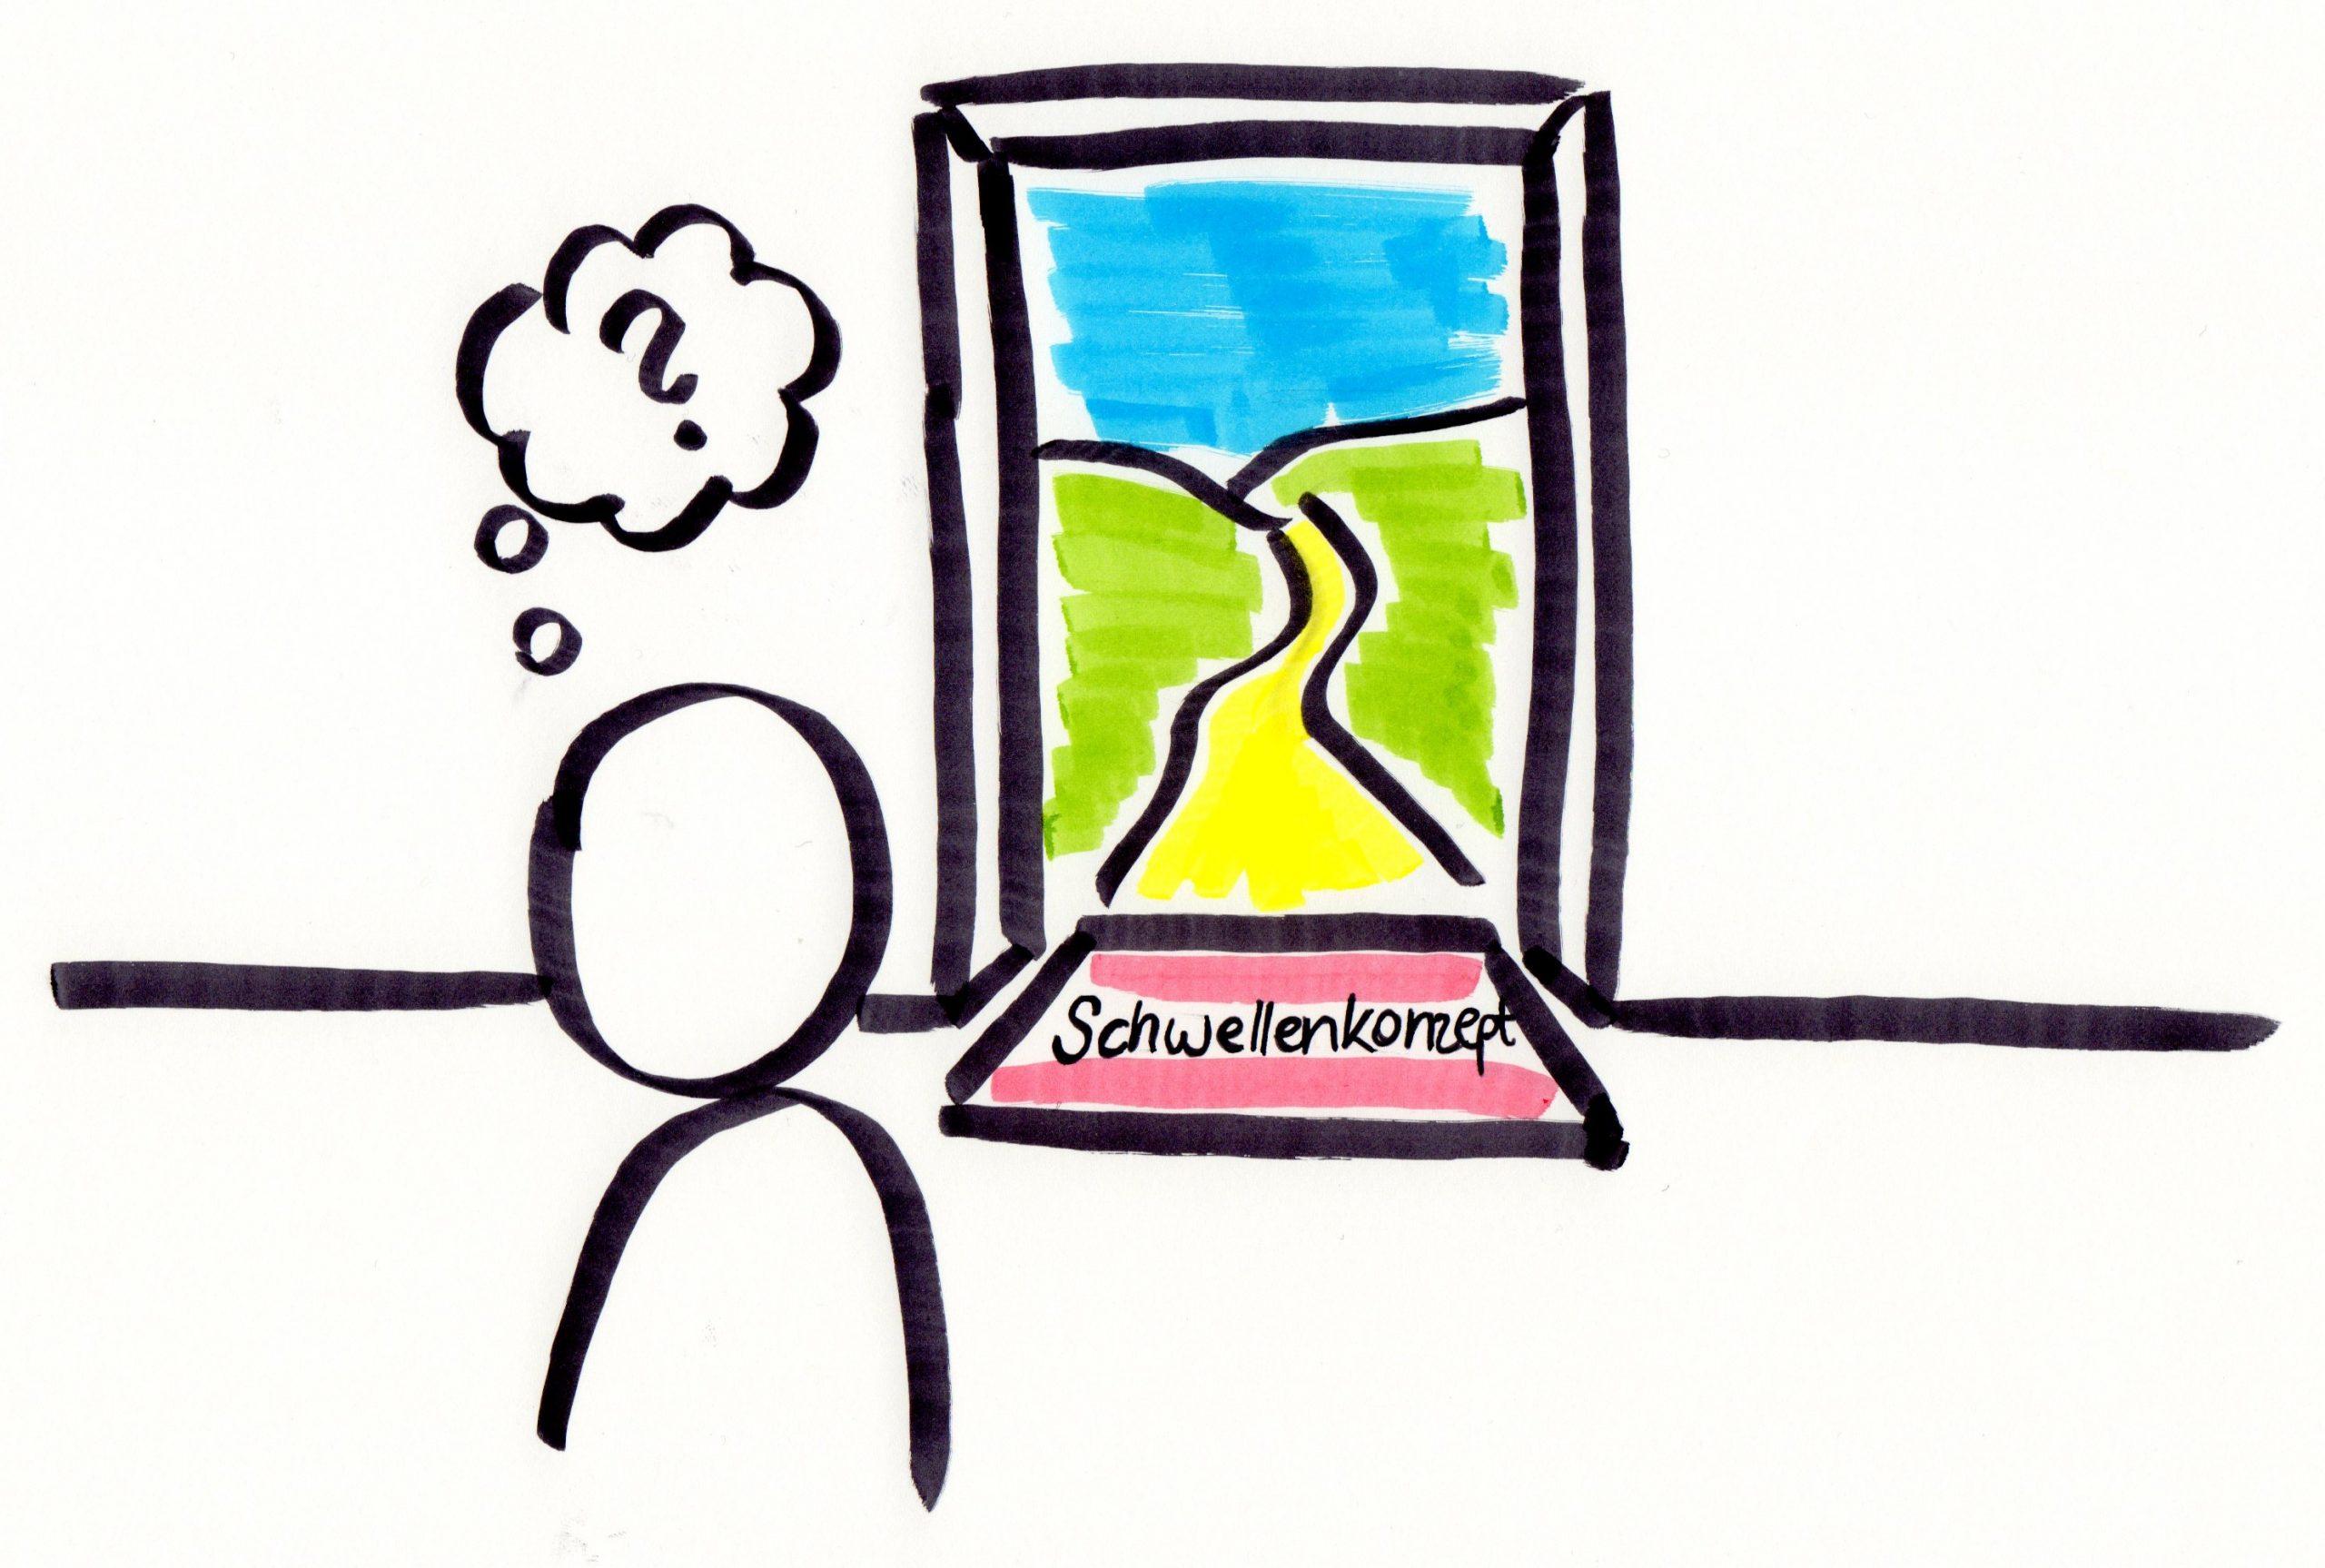 """Ein Männchen denkt sich ein Fragezeichen. Es steht vor einer offenen Tür, hinter ihr ein Pfad durch grüne Täler. Auf einer FUßmatte im Türrahmen steht """"Schwellenkonzepte"""""""